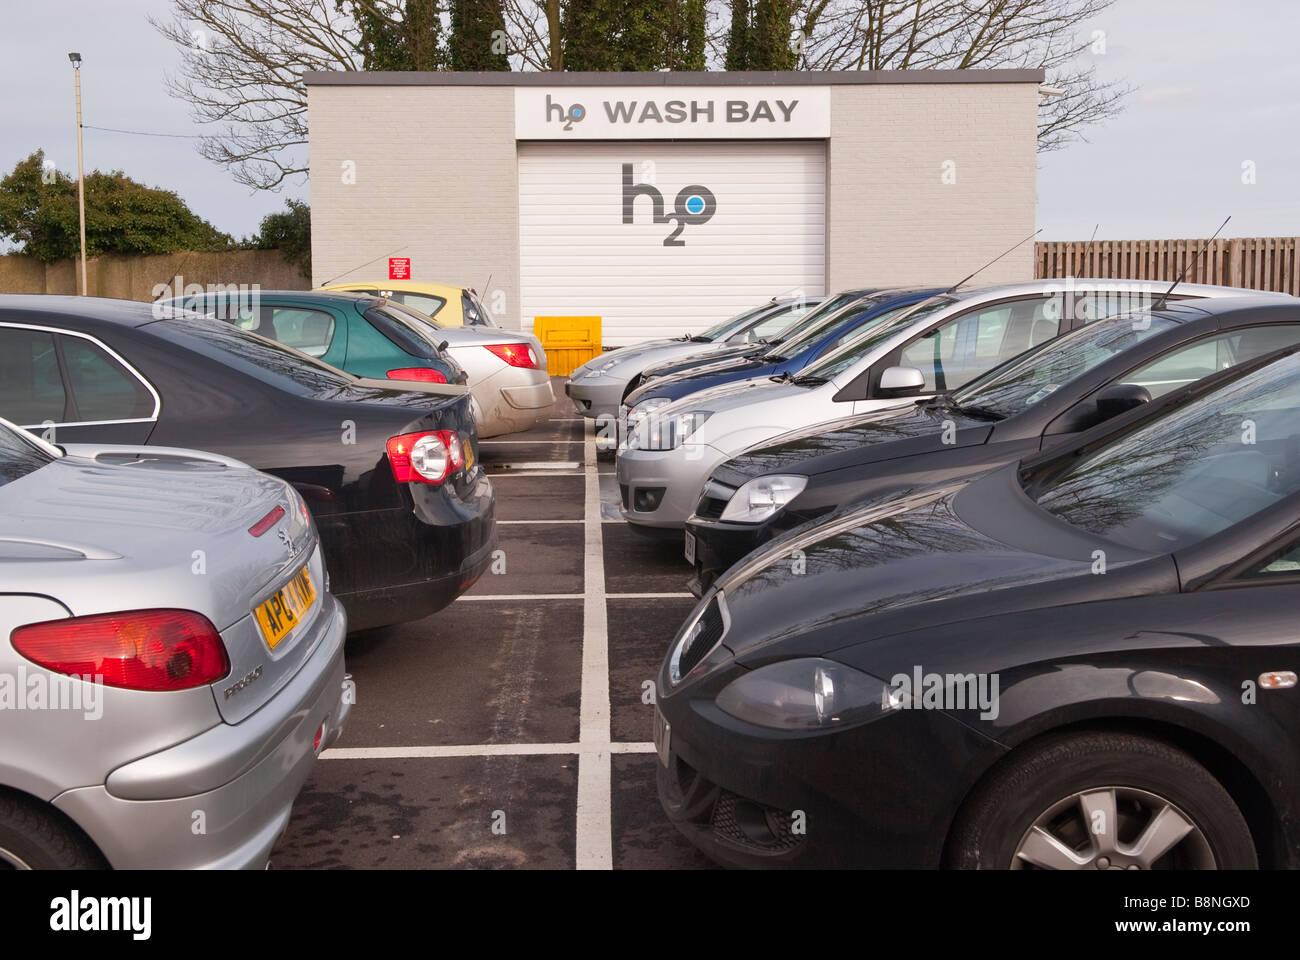 H2O-Weltklasse Reinigung Waschbox mit Zeichen für Auto-Waschanlagen und Parkservice-Unternehmen Stockbild